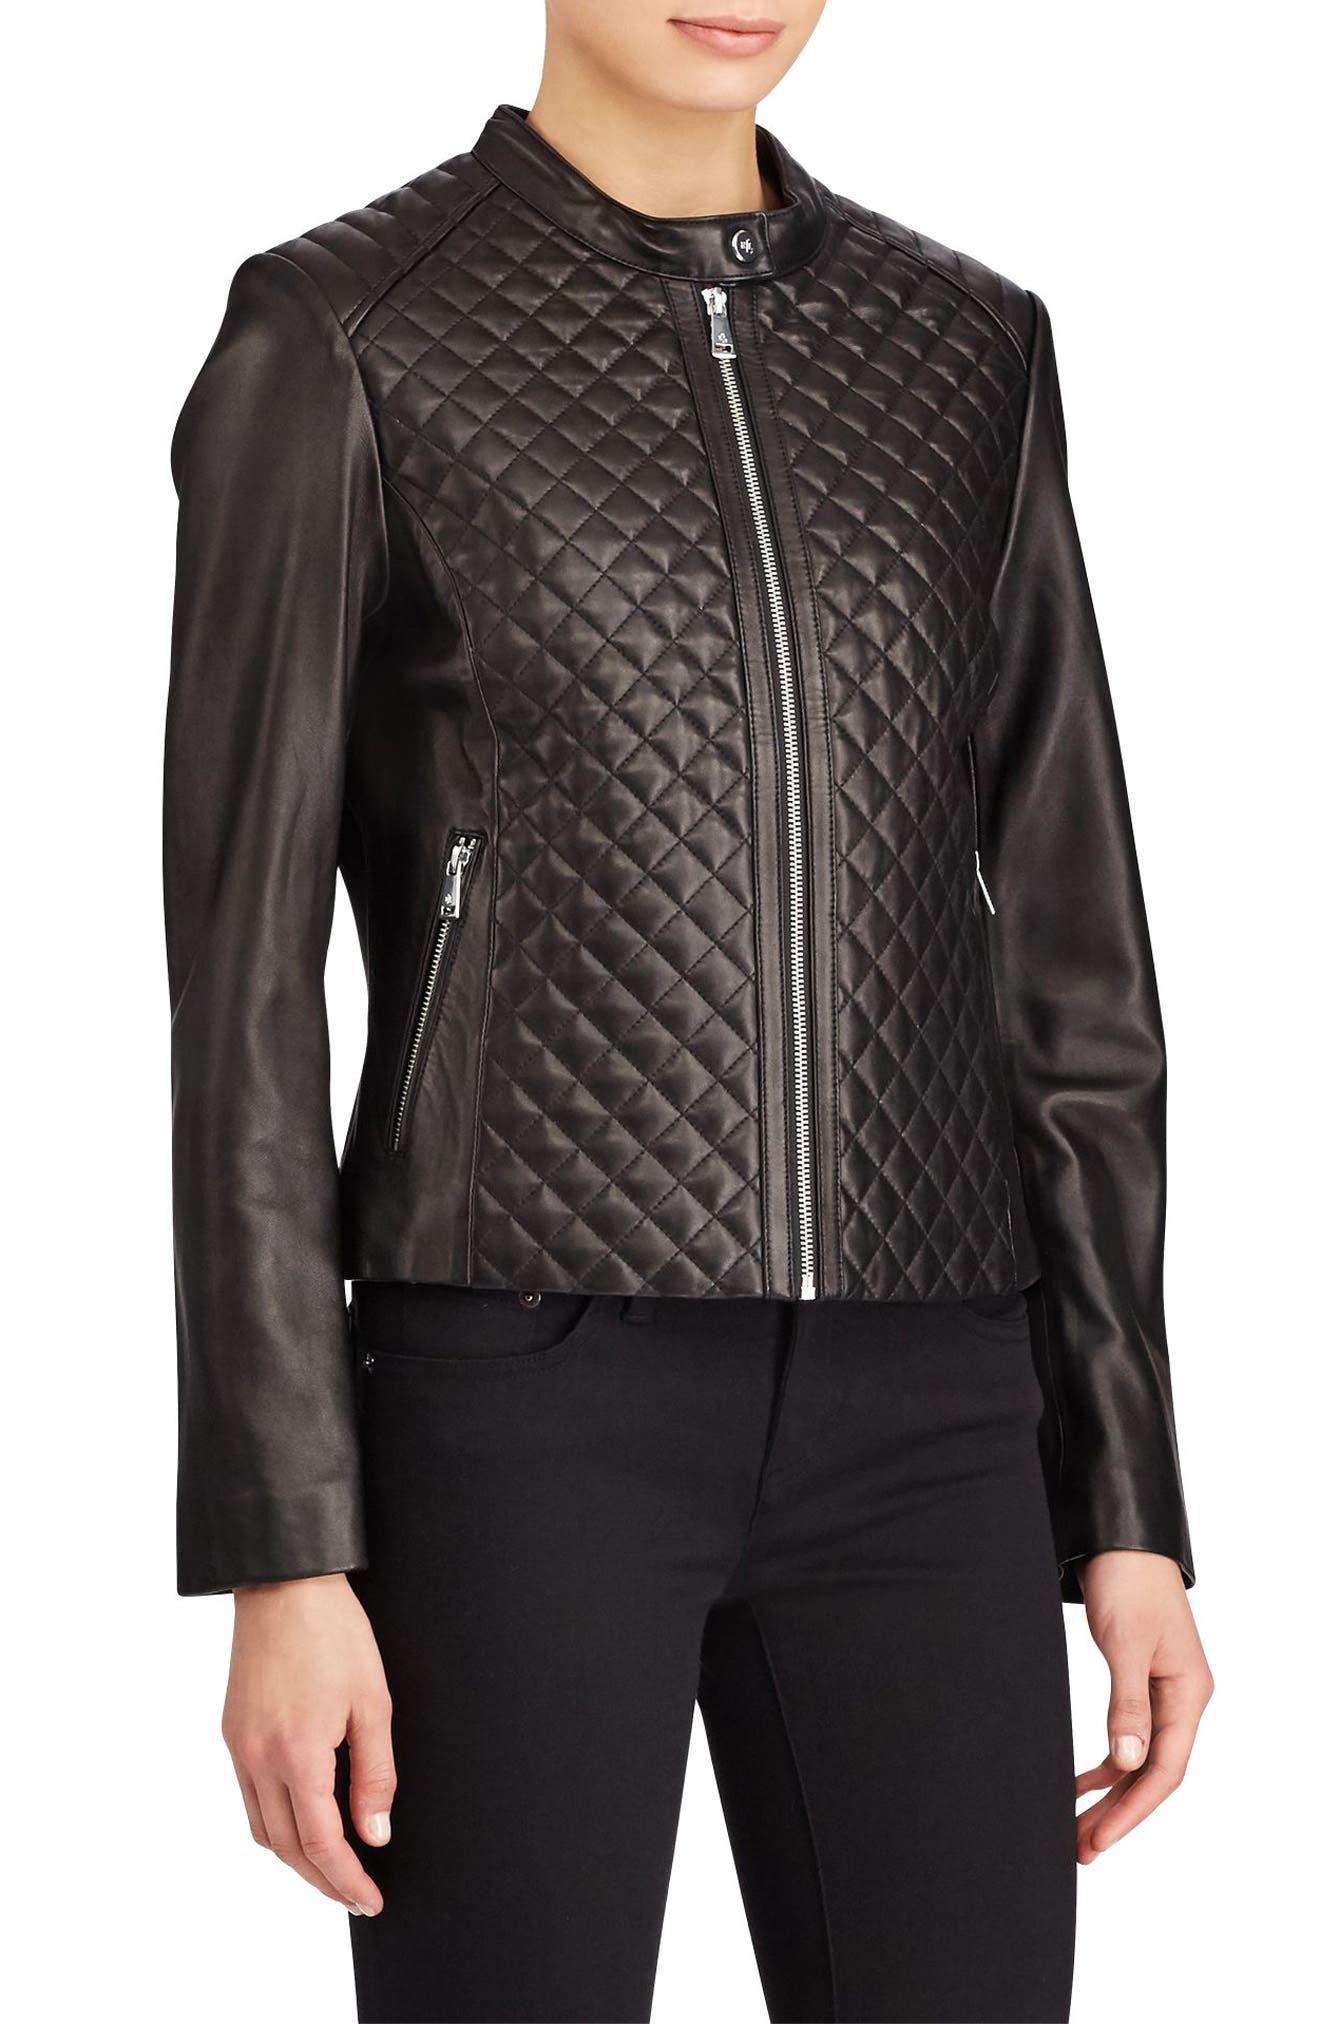 Main Image - Lauren Ralph Lauren Quilted Detail Lambskin Leather Jacket (Regular & Petite)